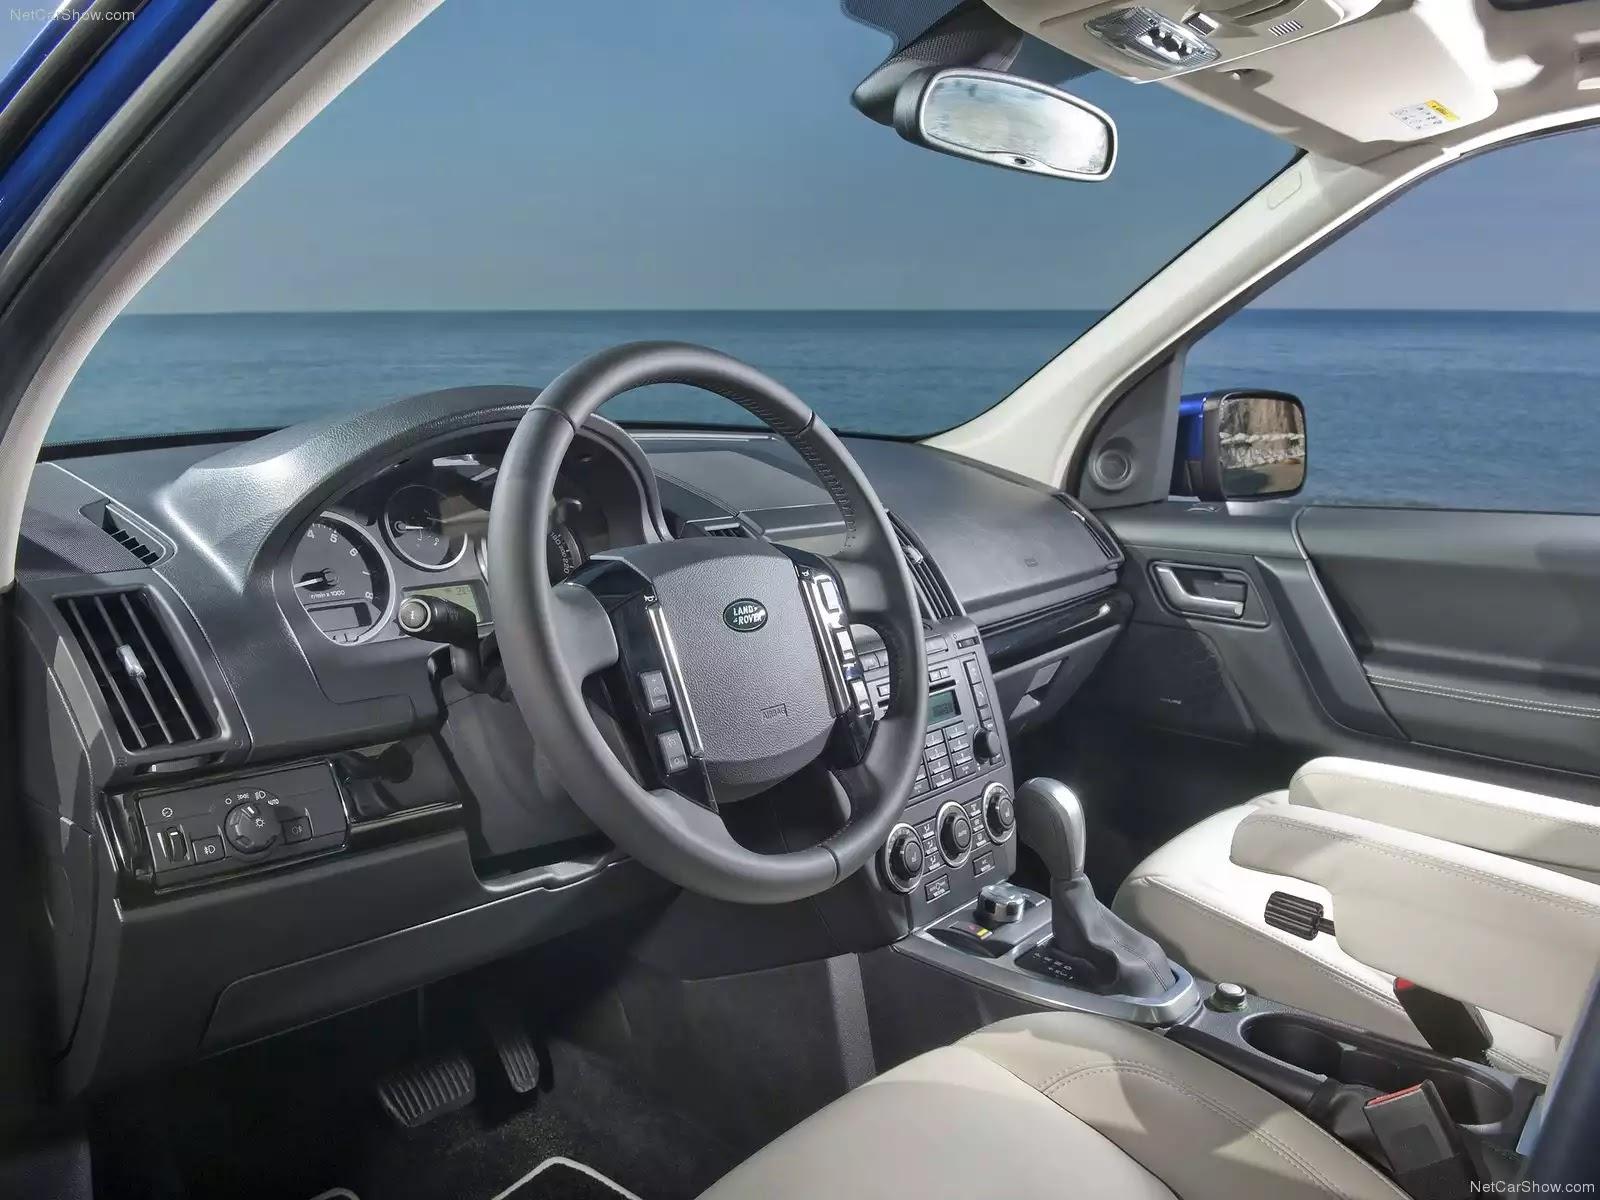 Hình ảnh xe ô tô Land Rover Freelander 2 2011 & nội ngoại thất